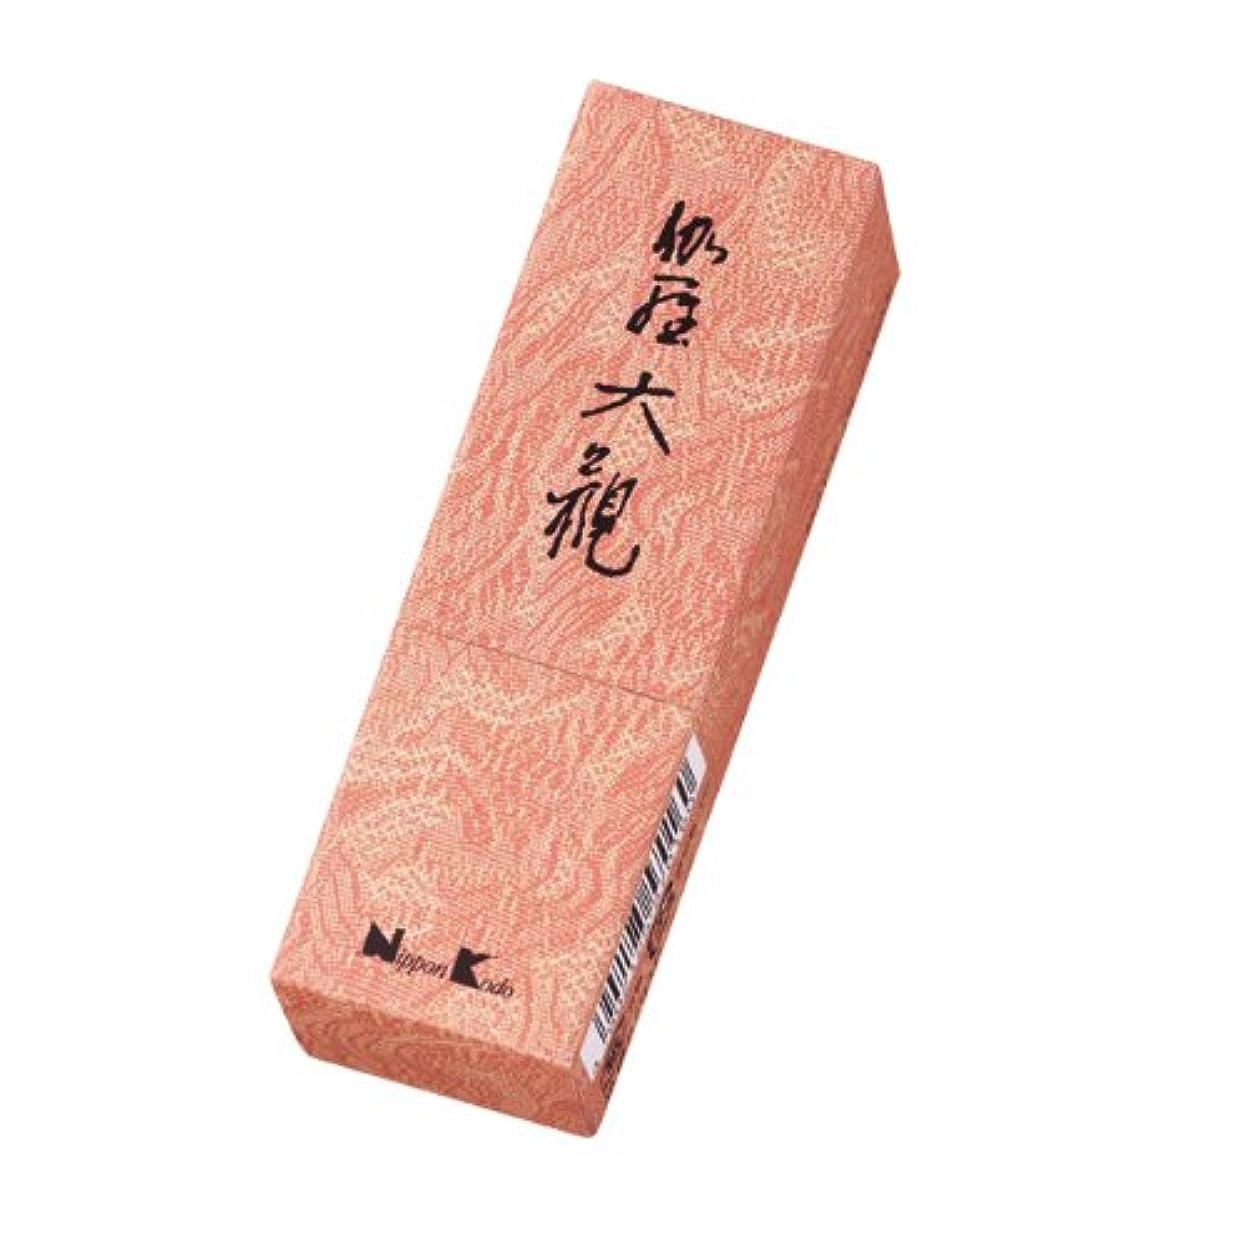 処方する些細なインサートNippon Kodo – Kyara Taikan – プレミアムAloeswood Incense 24 sticks